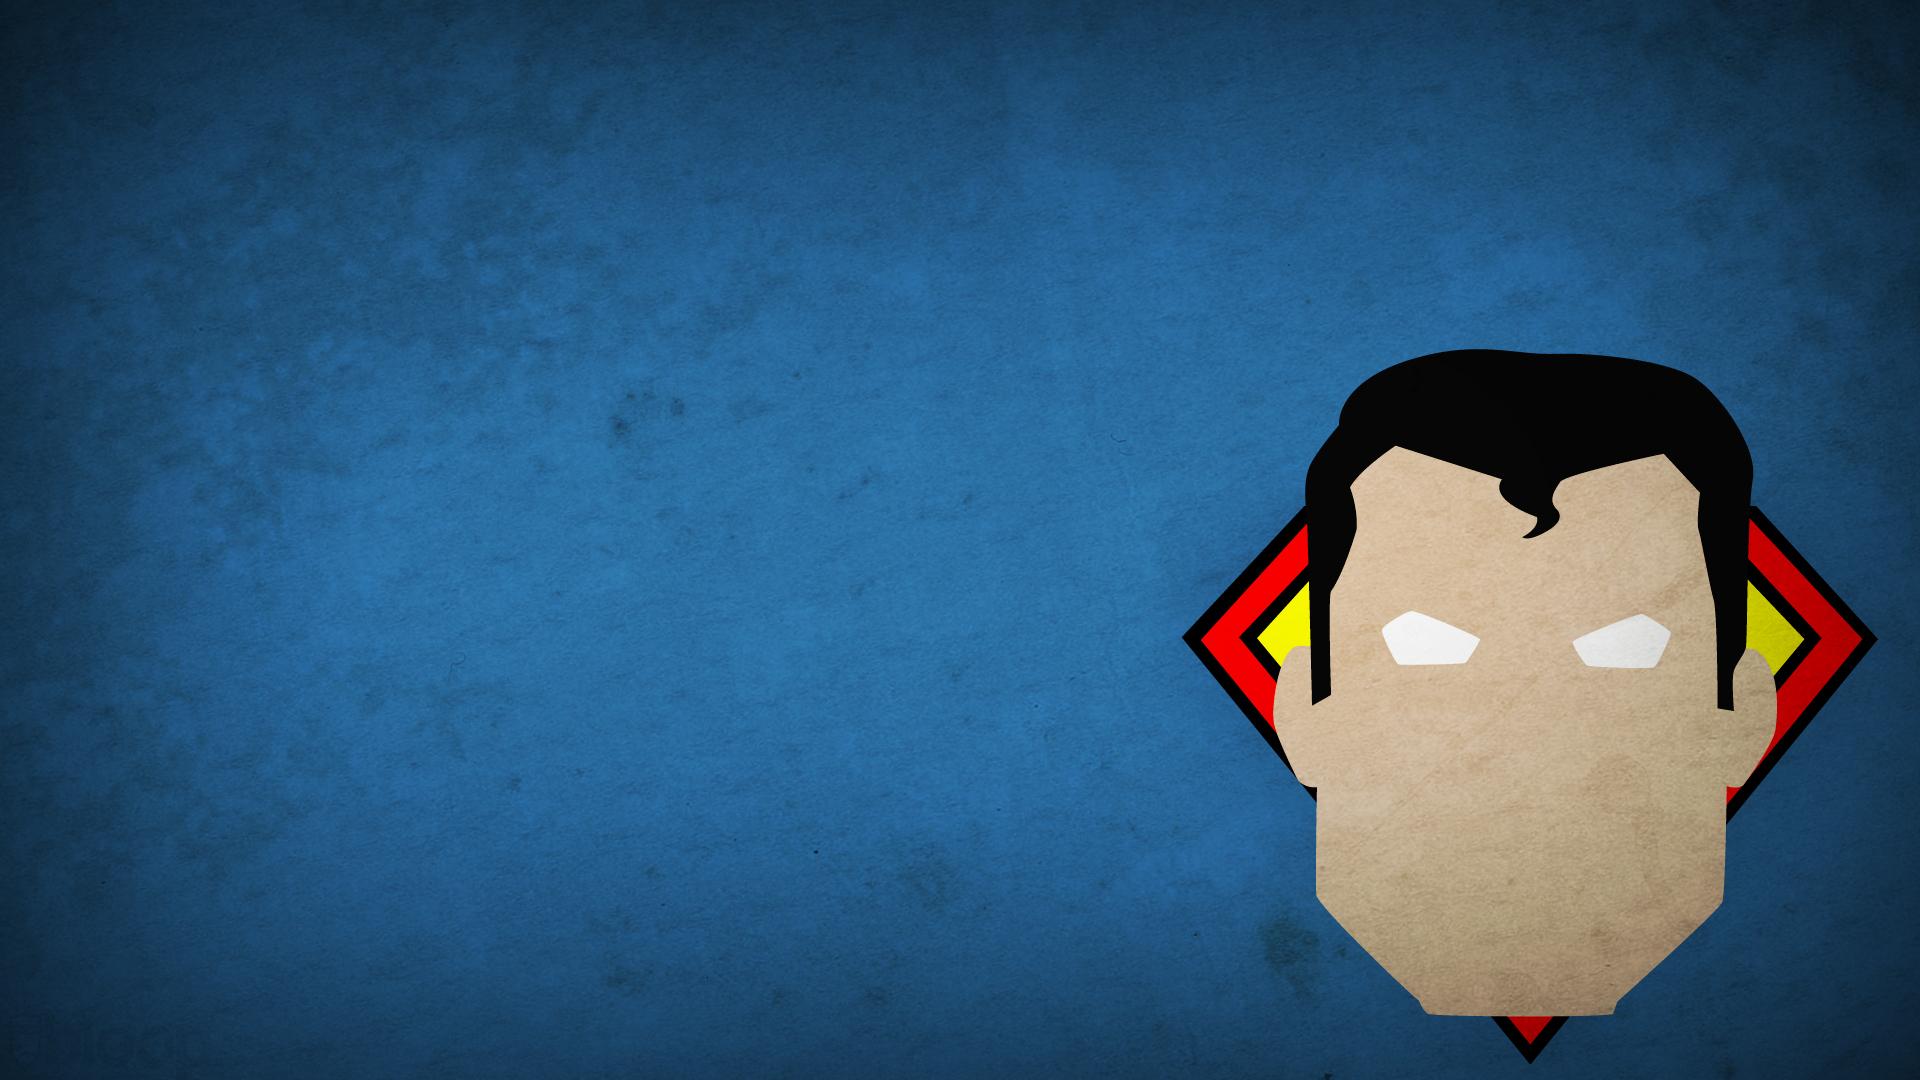 minimalism, hero, superman